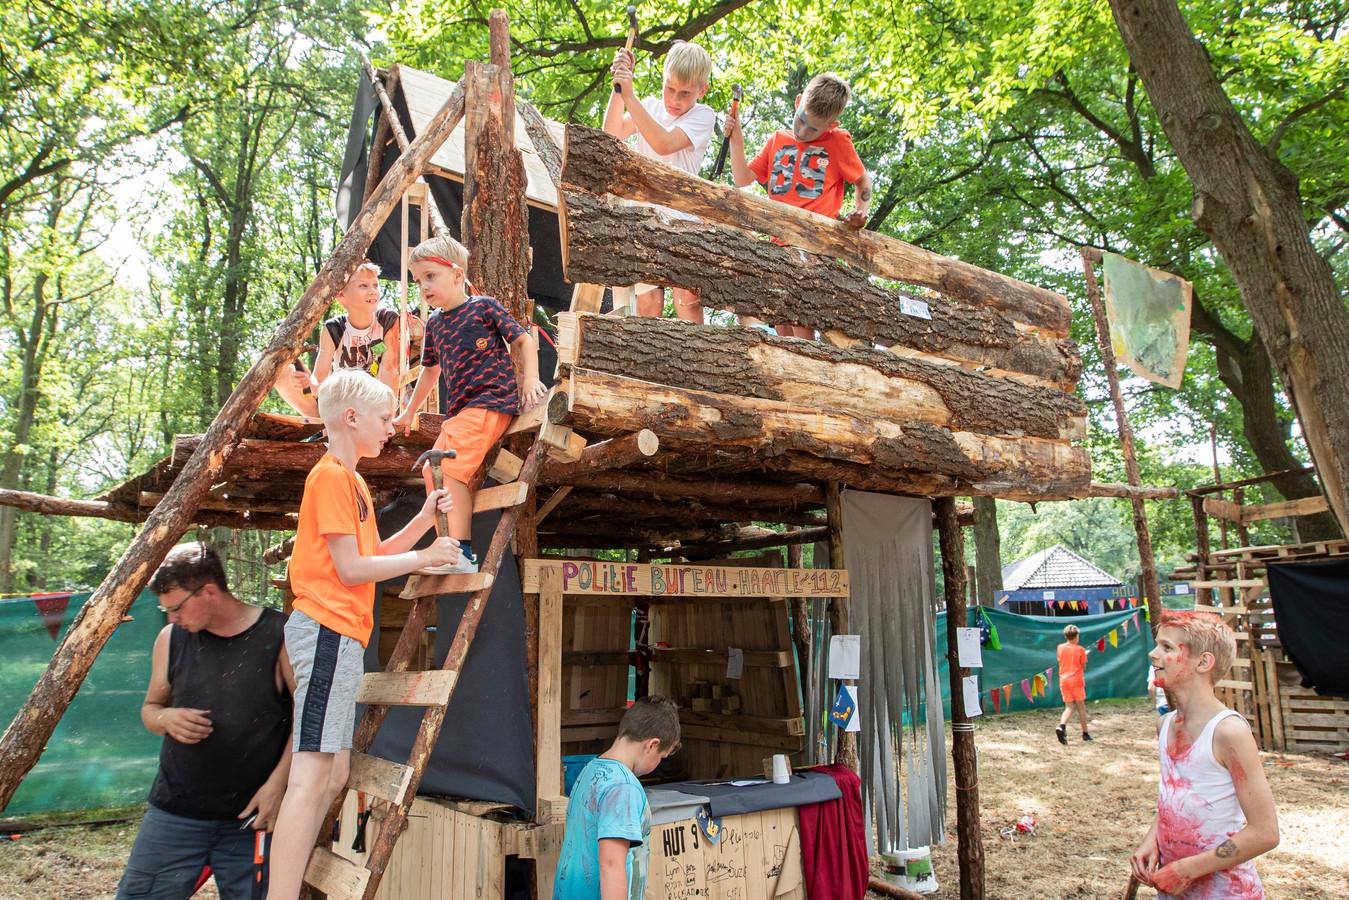 In het houtdorp bij schaapskooi Twilhaar in Haarle wordt de laatste hand gelegd aan de hutten, die dit jaar ambulanceposten, politiebureaus en brandweerkazernes moeten voorstellen.